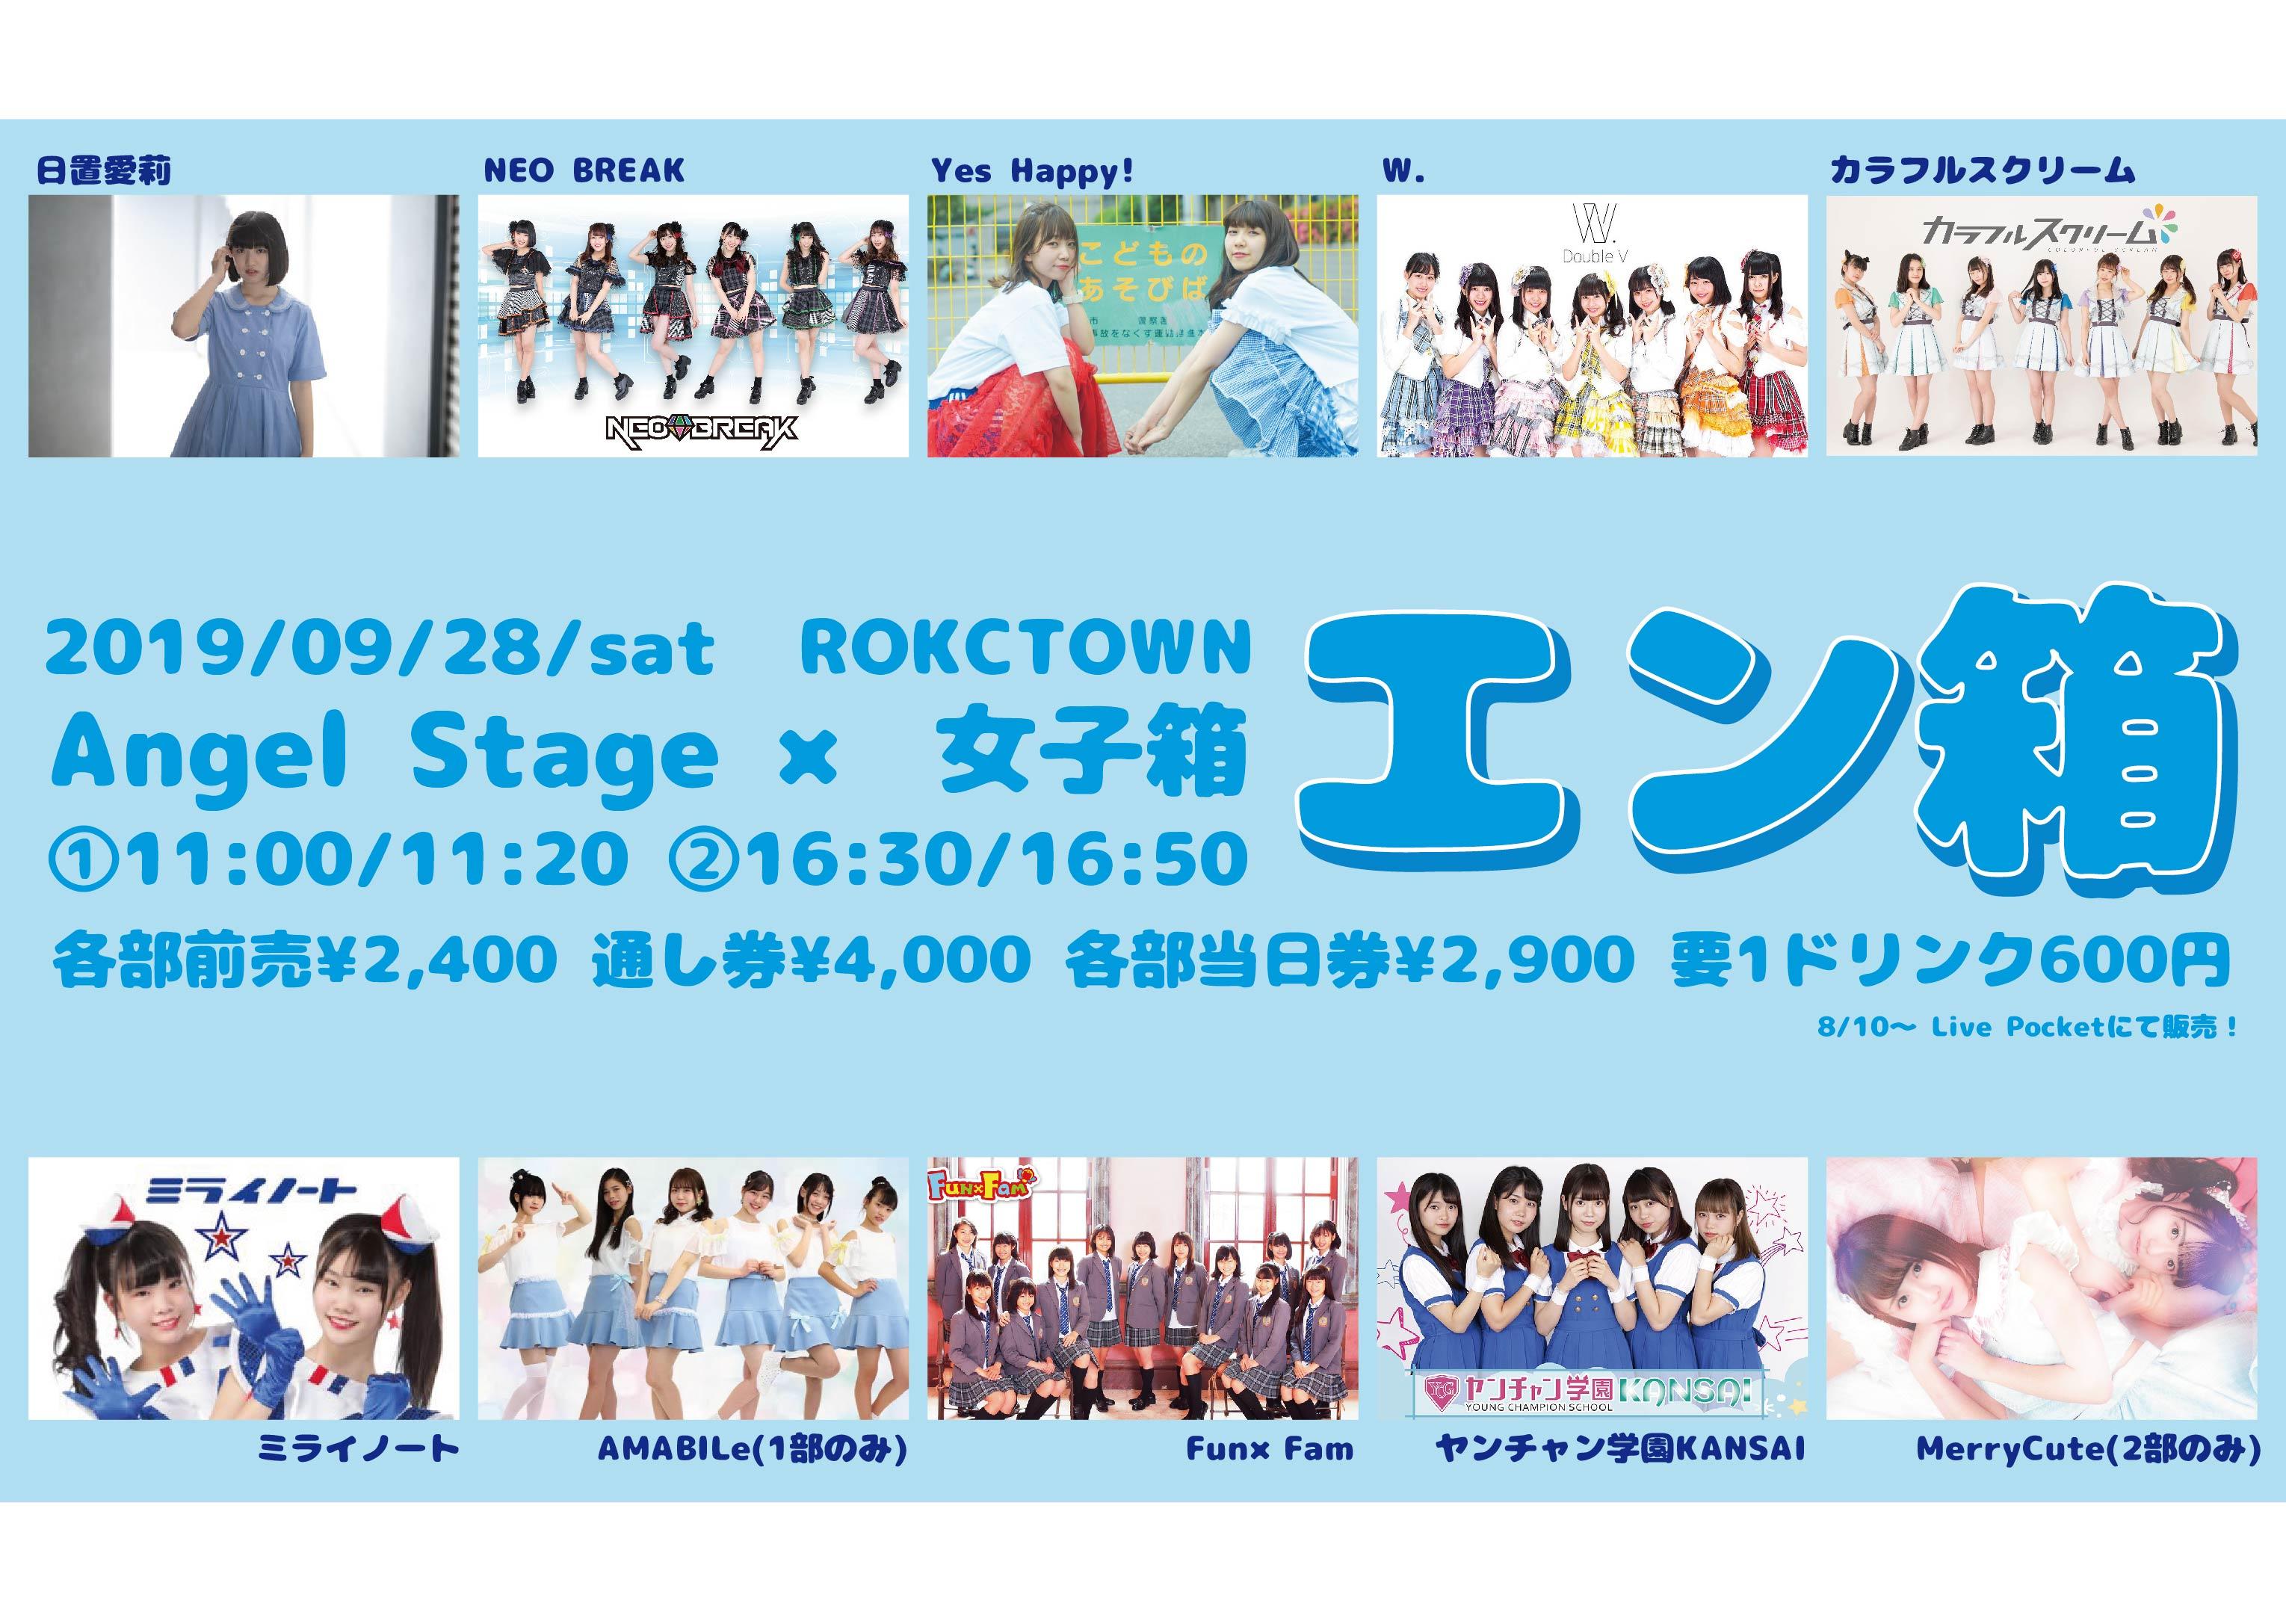 【2部】Angel Stage × 女子箱 〜エン箱〜